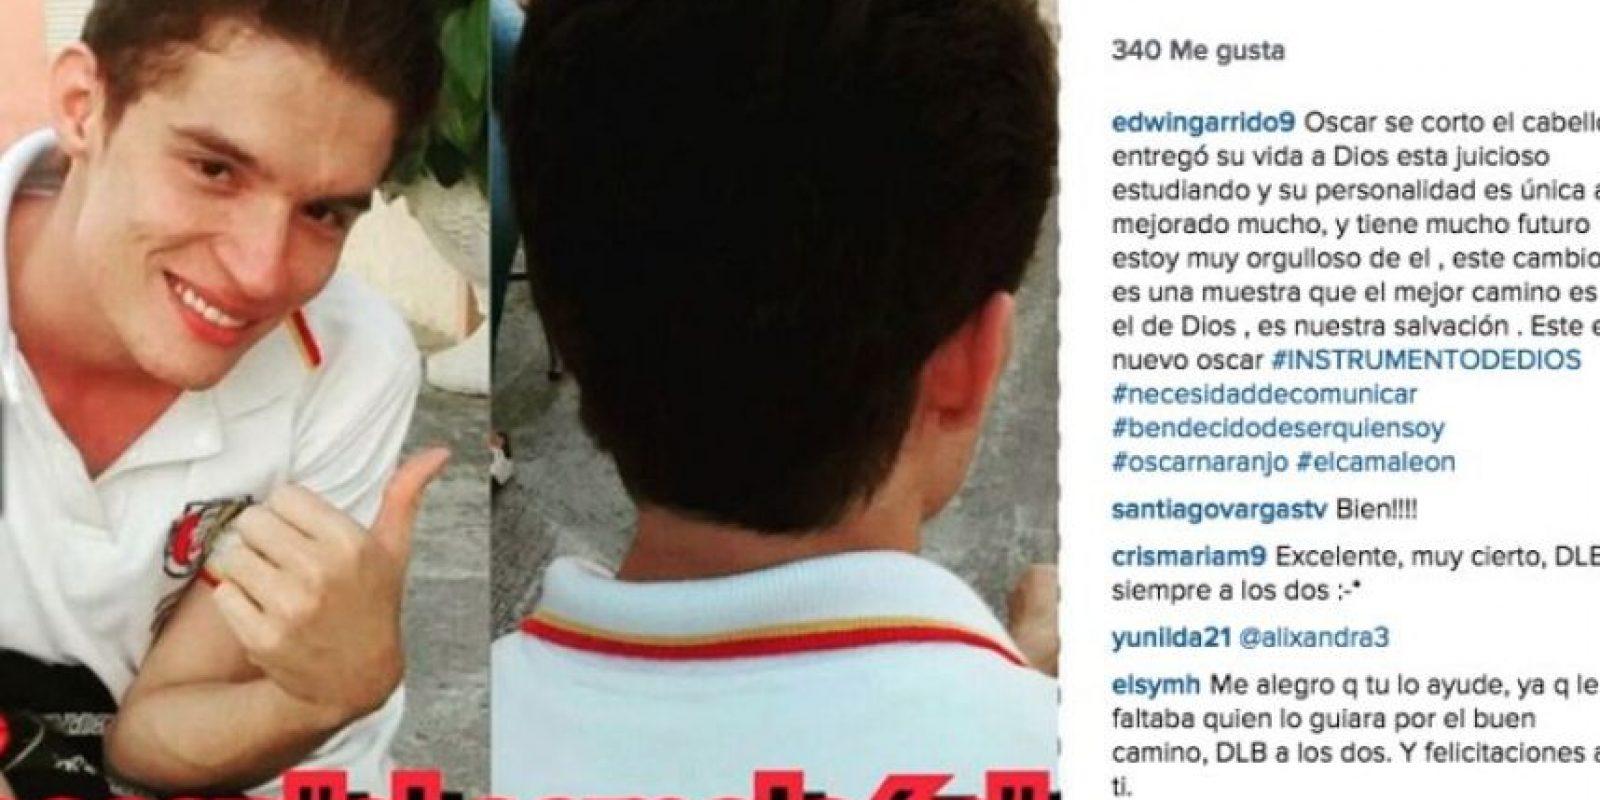 Foto:Instagram Edwin Garrido